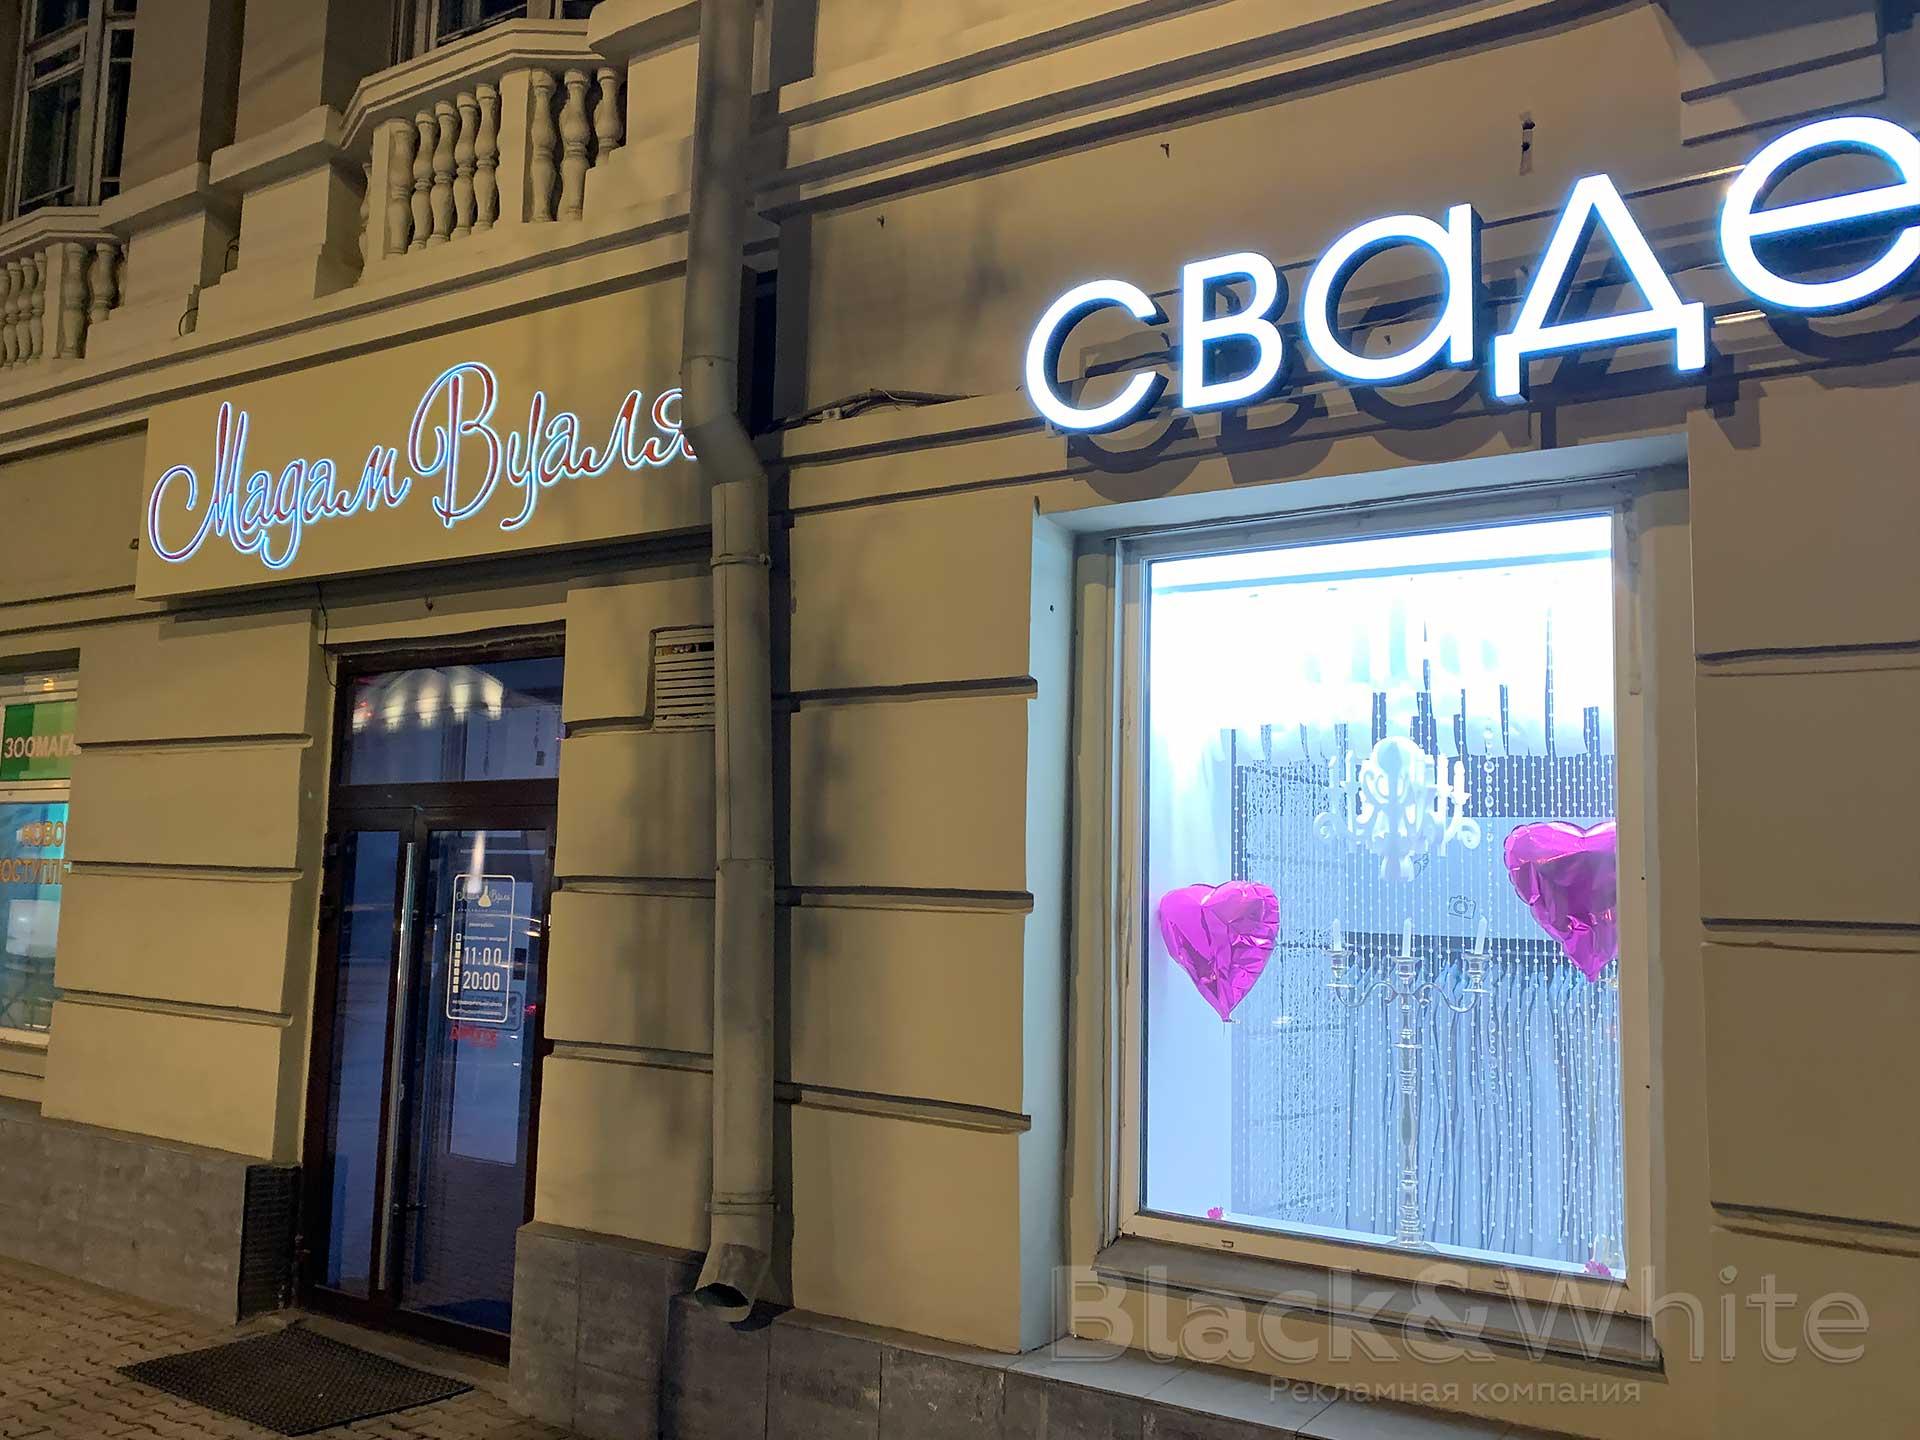 Вывеска-для-свадебного-салона-в-Красноярске-объёмные-световые-буквы-и-Композитный-короб-с-инкрустацией......jpg